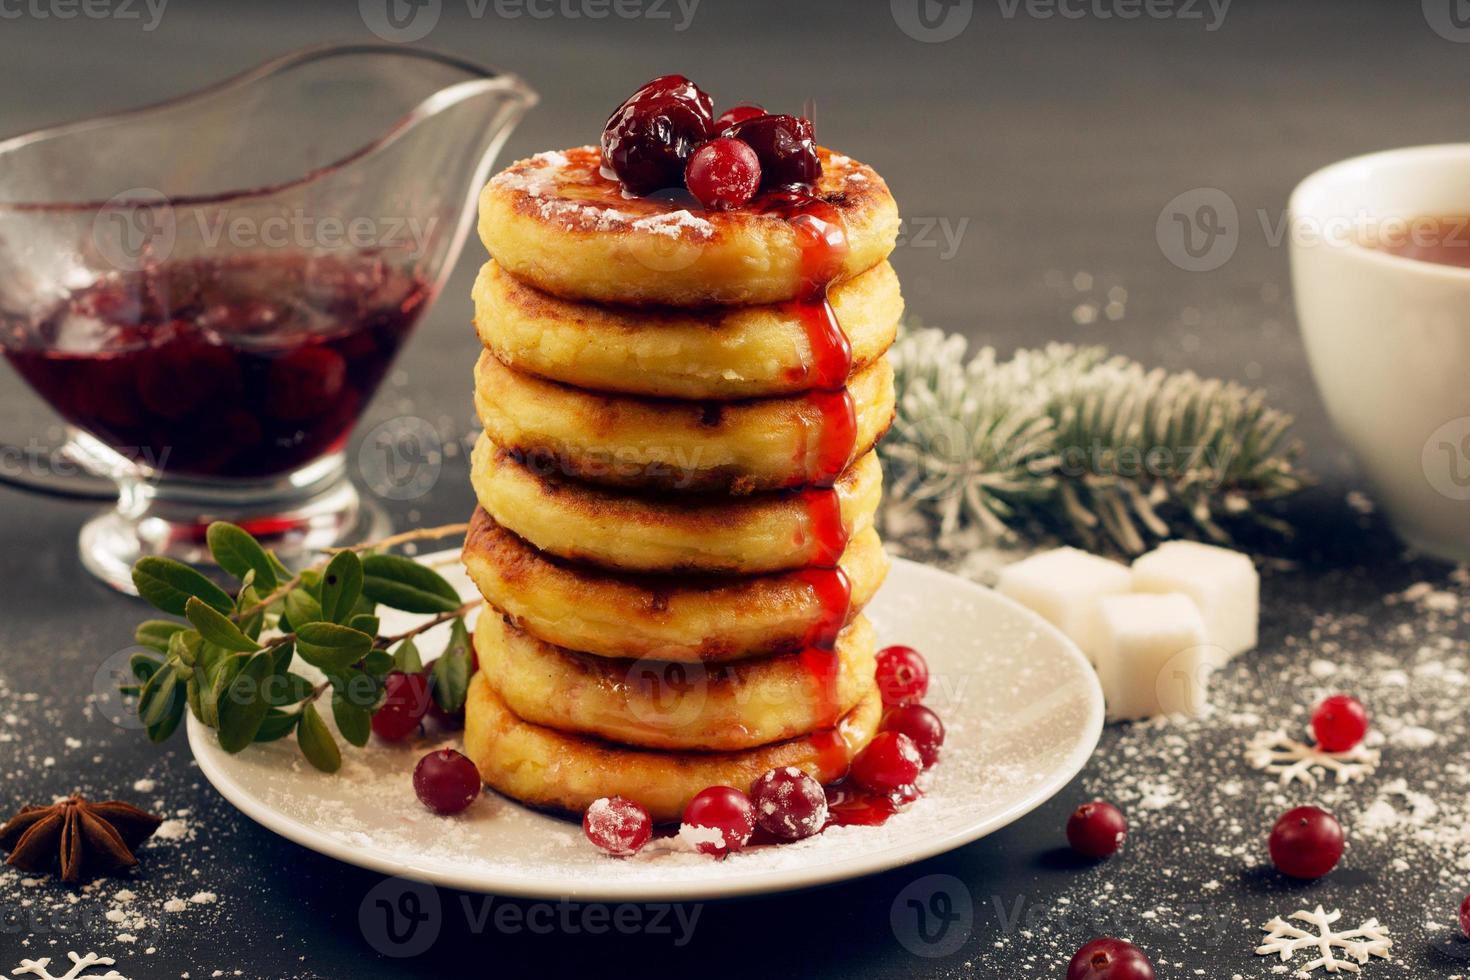 deliziose frittelle di ricotta con marmellata di ciliegie, mirtilli rossi a foto